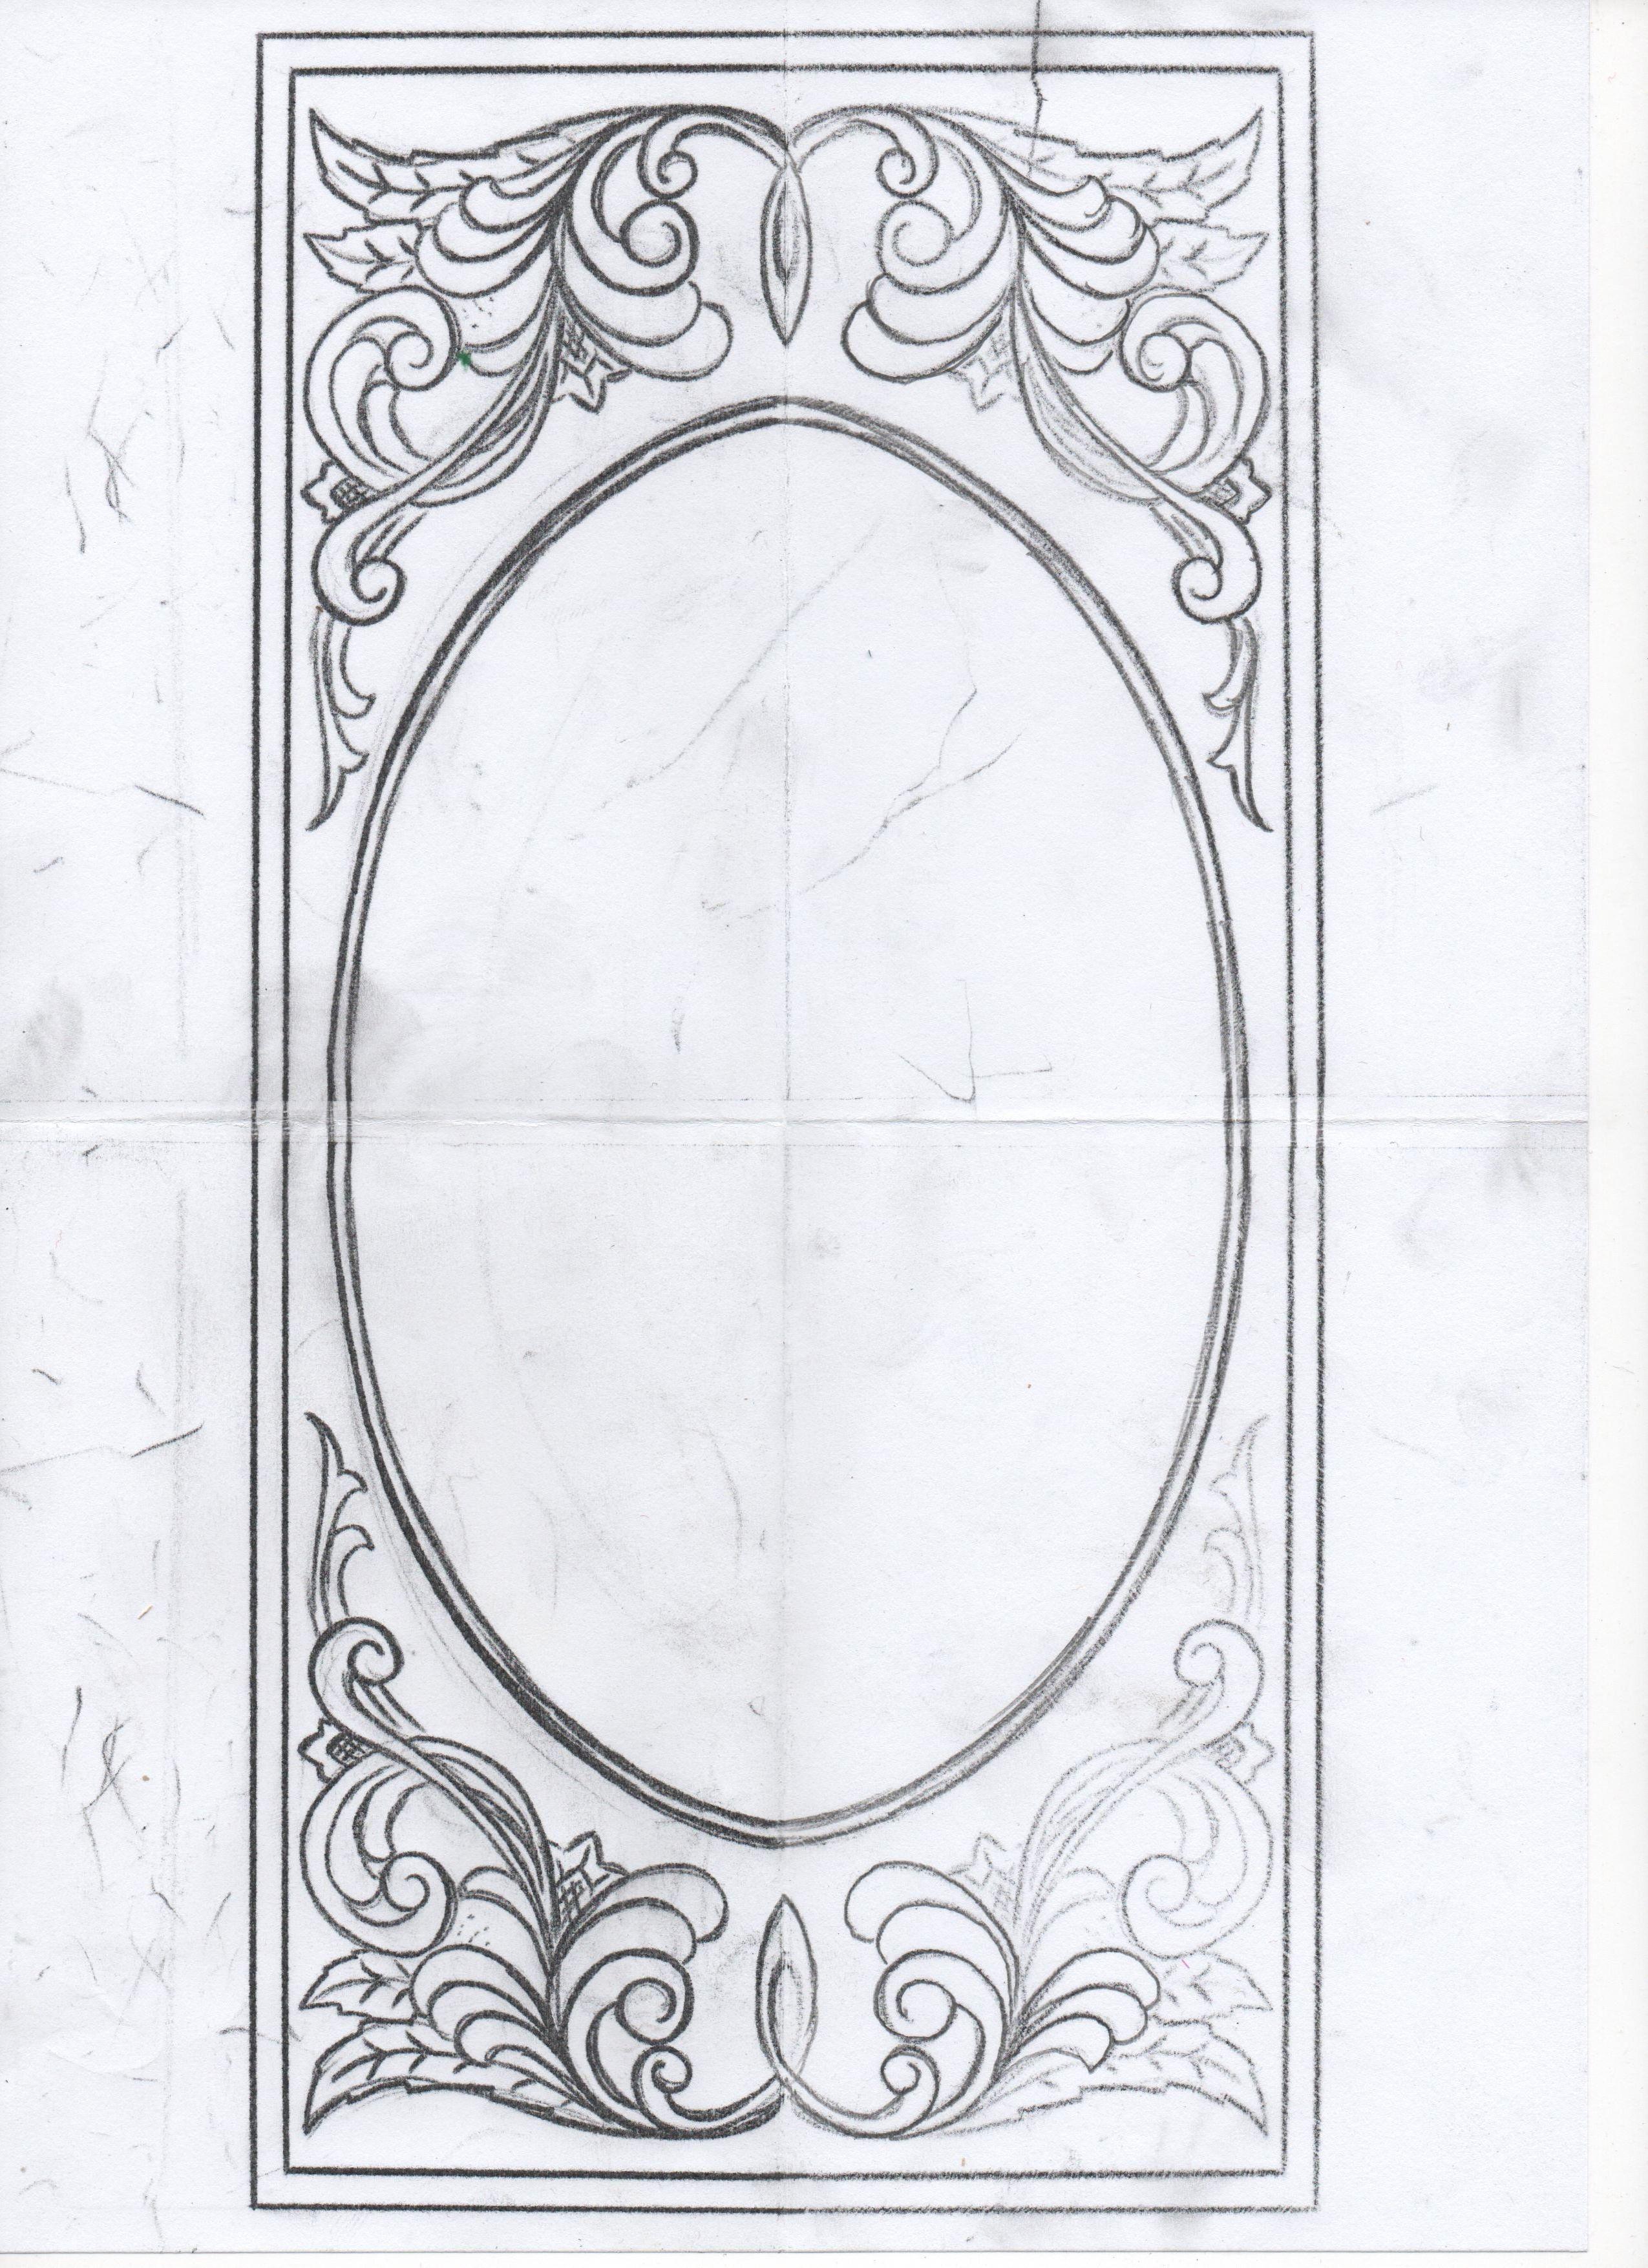 Рисунок для резьбы на прикладе